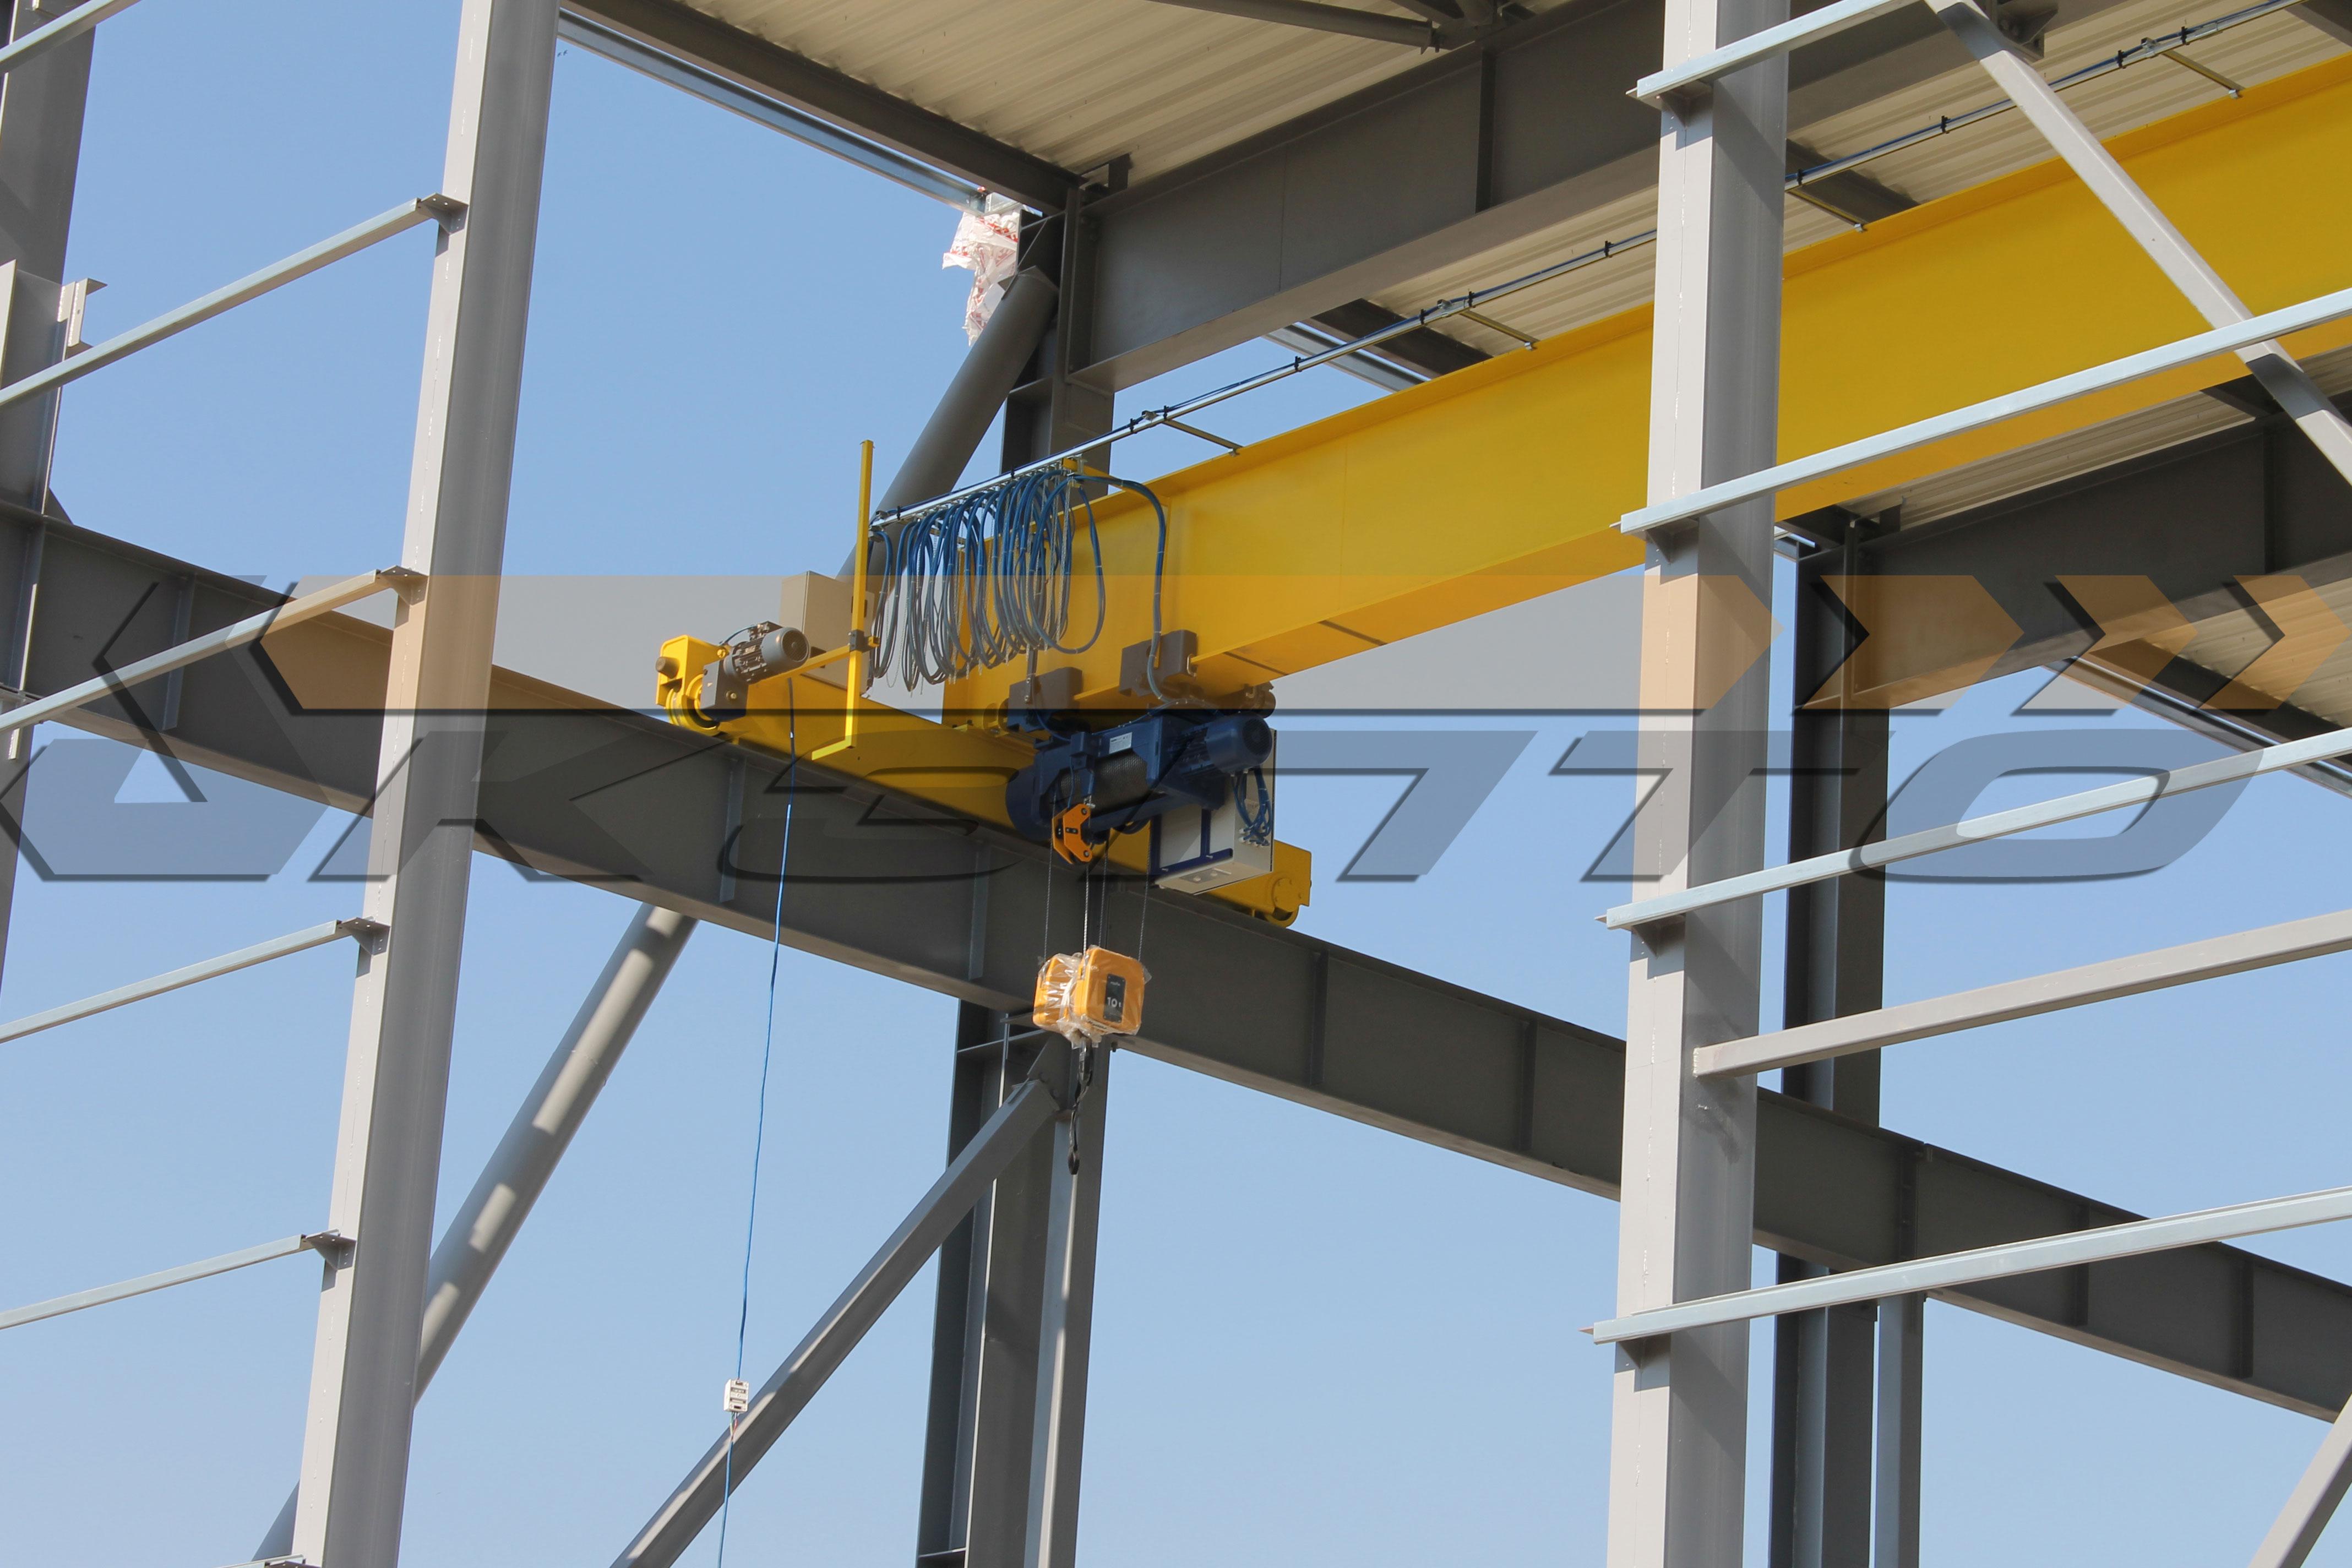 1-Кран мостовой однобалочный опорный гп 10т пролетом 23,0м